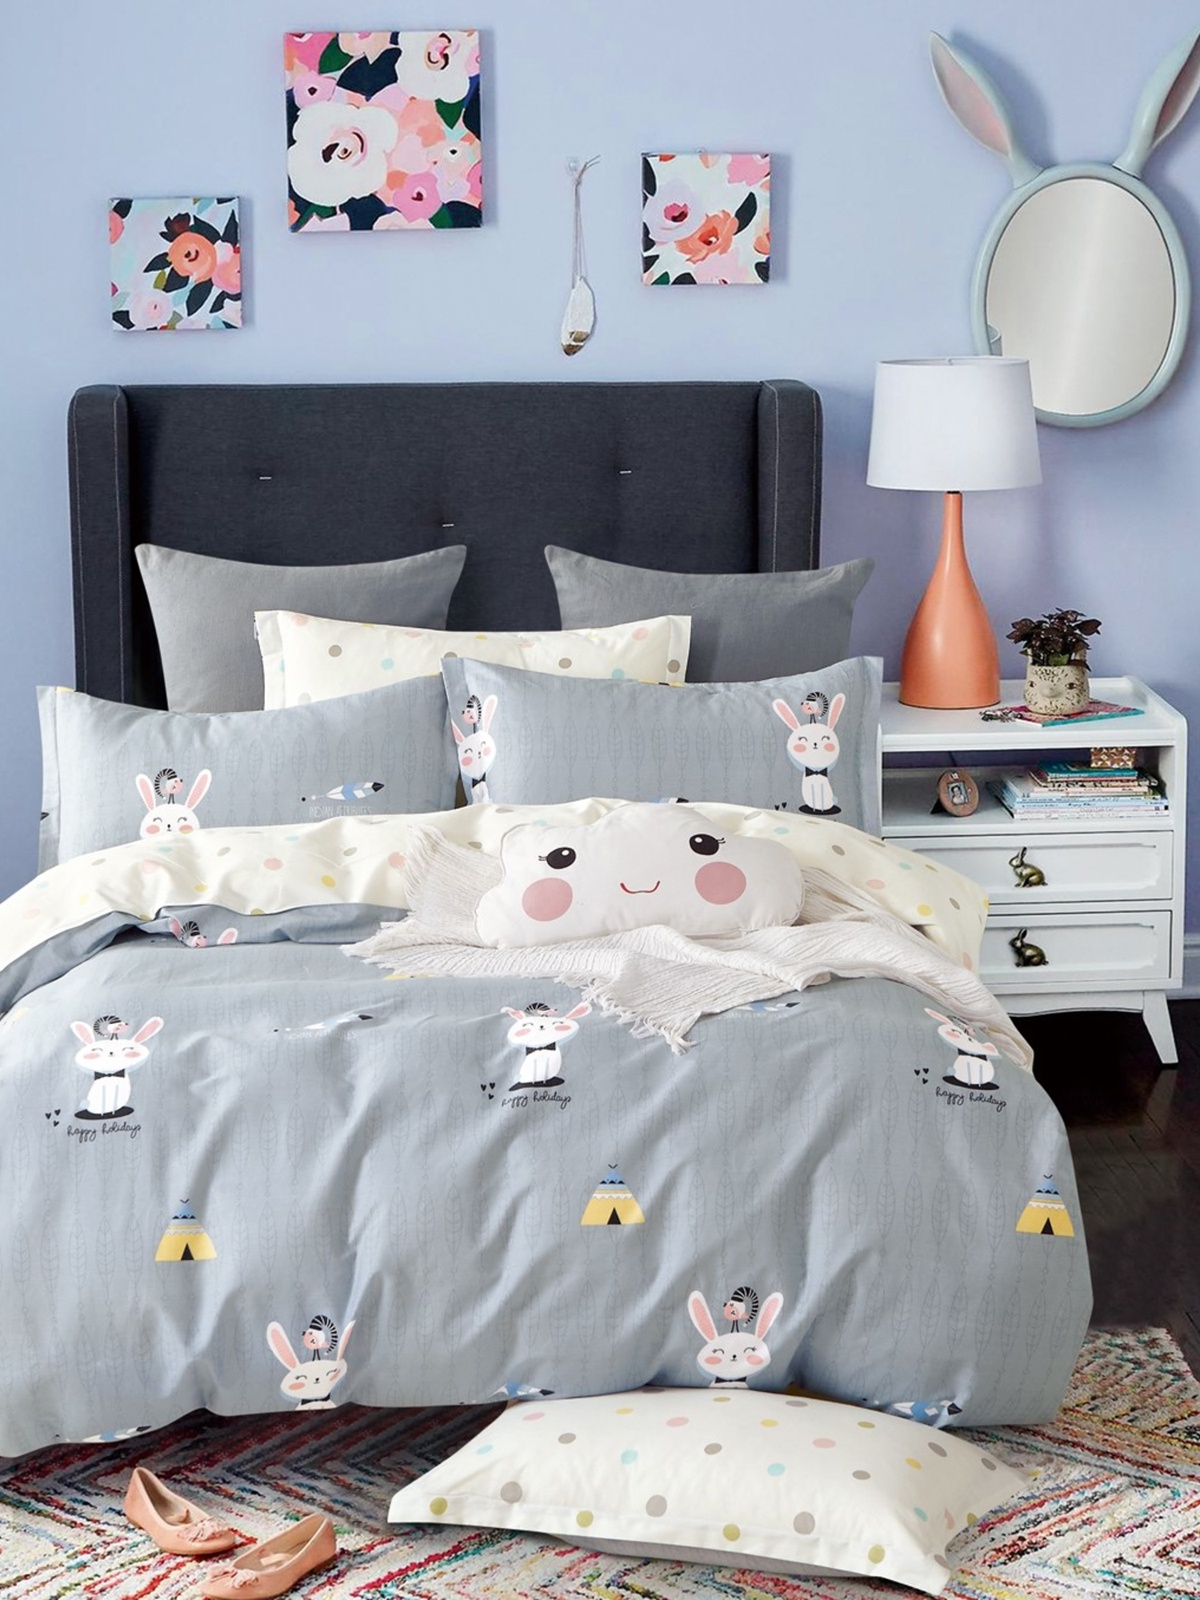 Комплект постельного белья Dream Time BLK-46-SP-425-1C постельное белье dream time blk 46 sp 337 1 2c 3 предмета